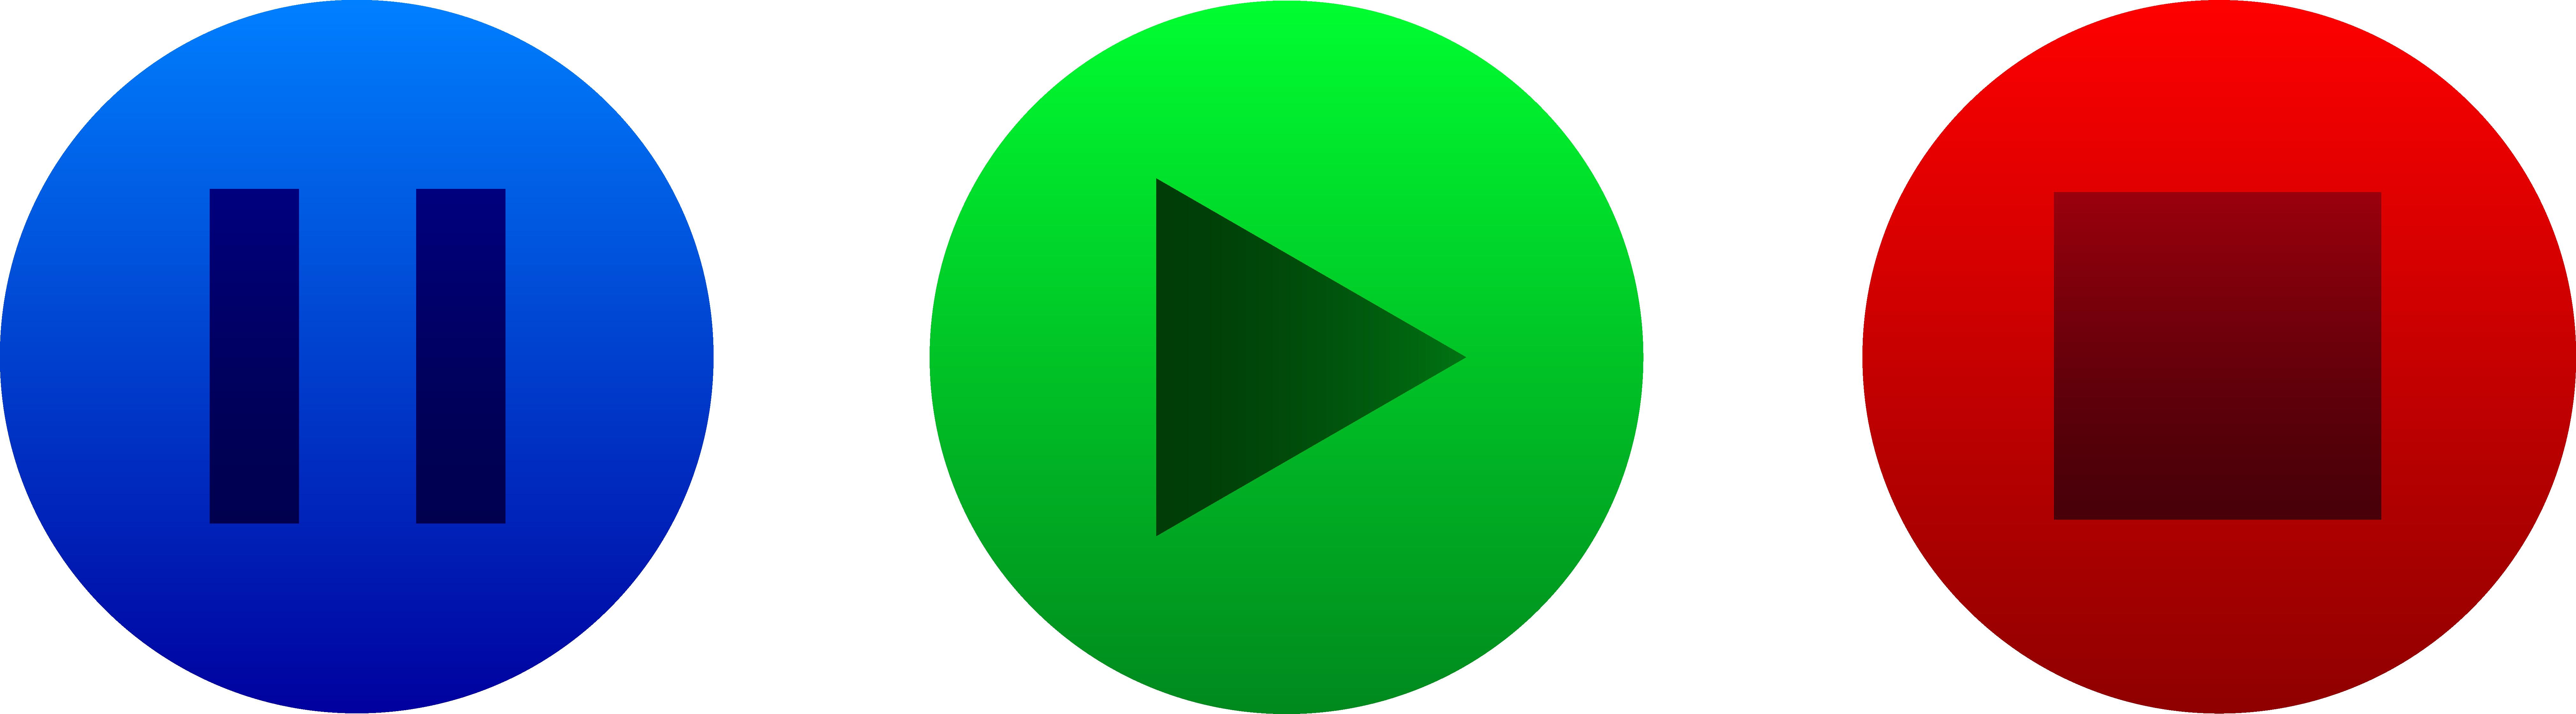 Audio clipart pause button #14